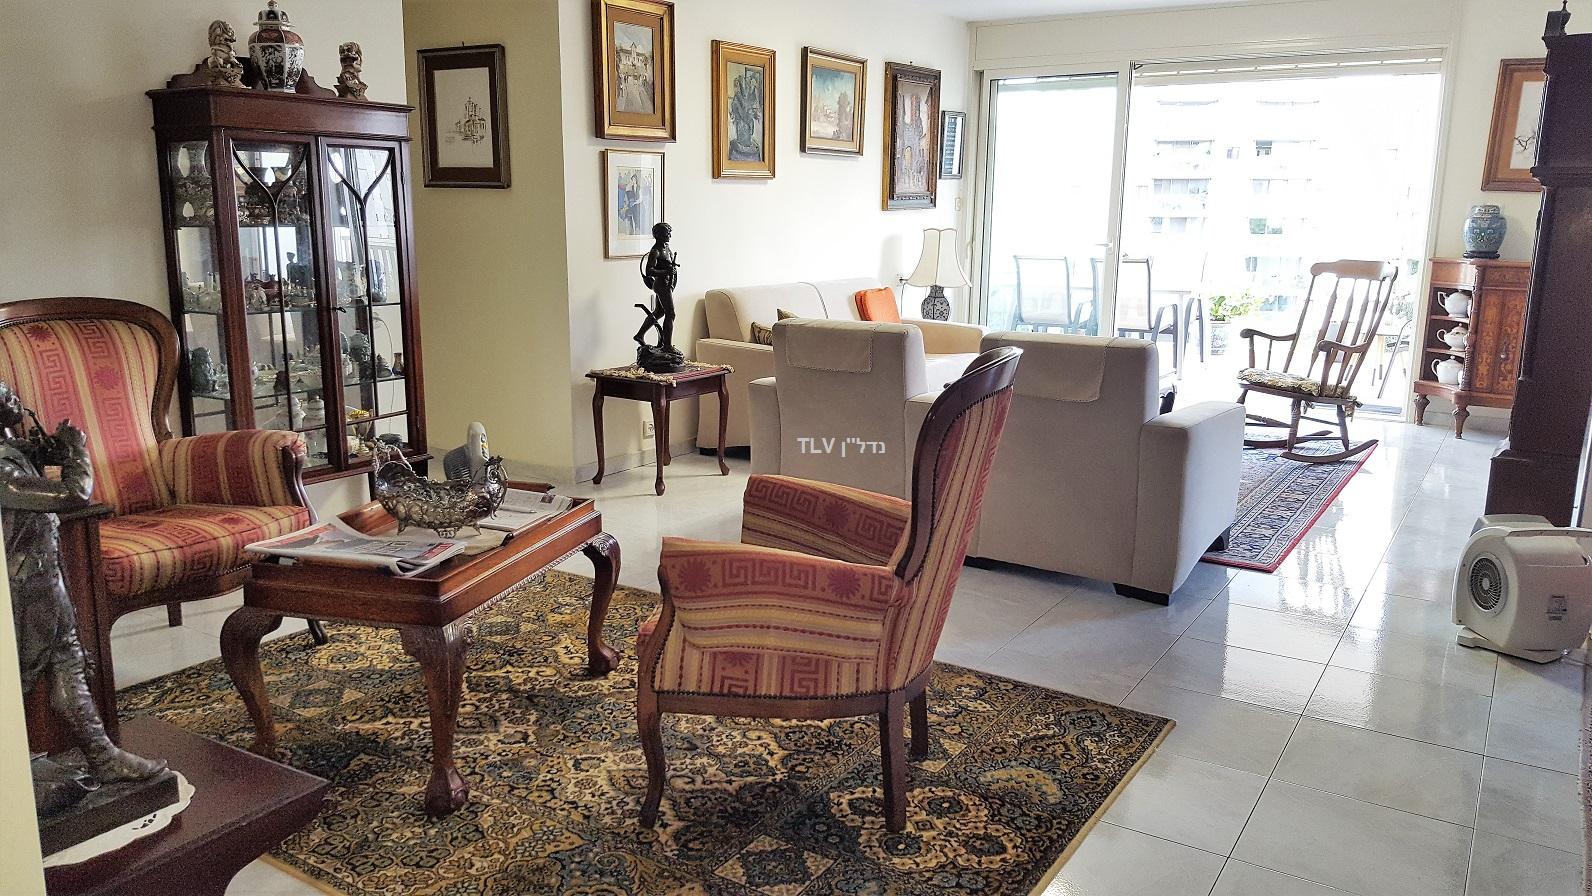 האחרון למכירה ברמת אביב ג' ברזאני דירת 5 חדרים ענקית, איכותית! 052-5955959 PG-25